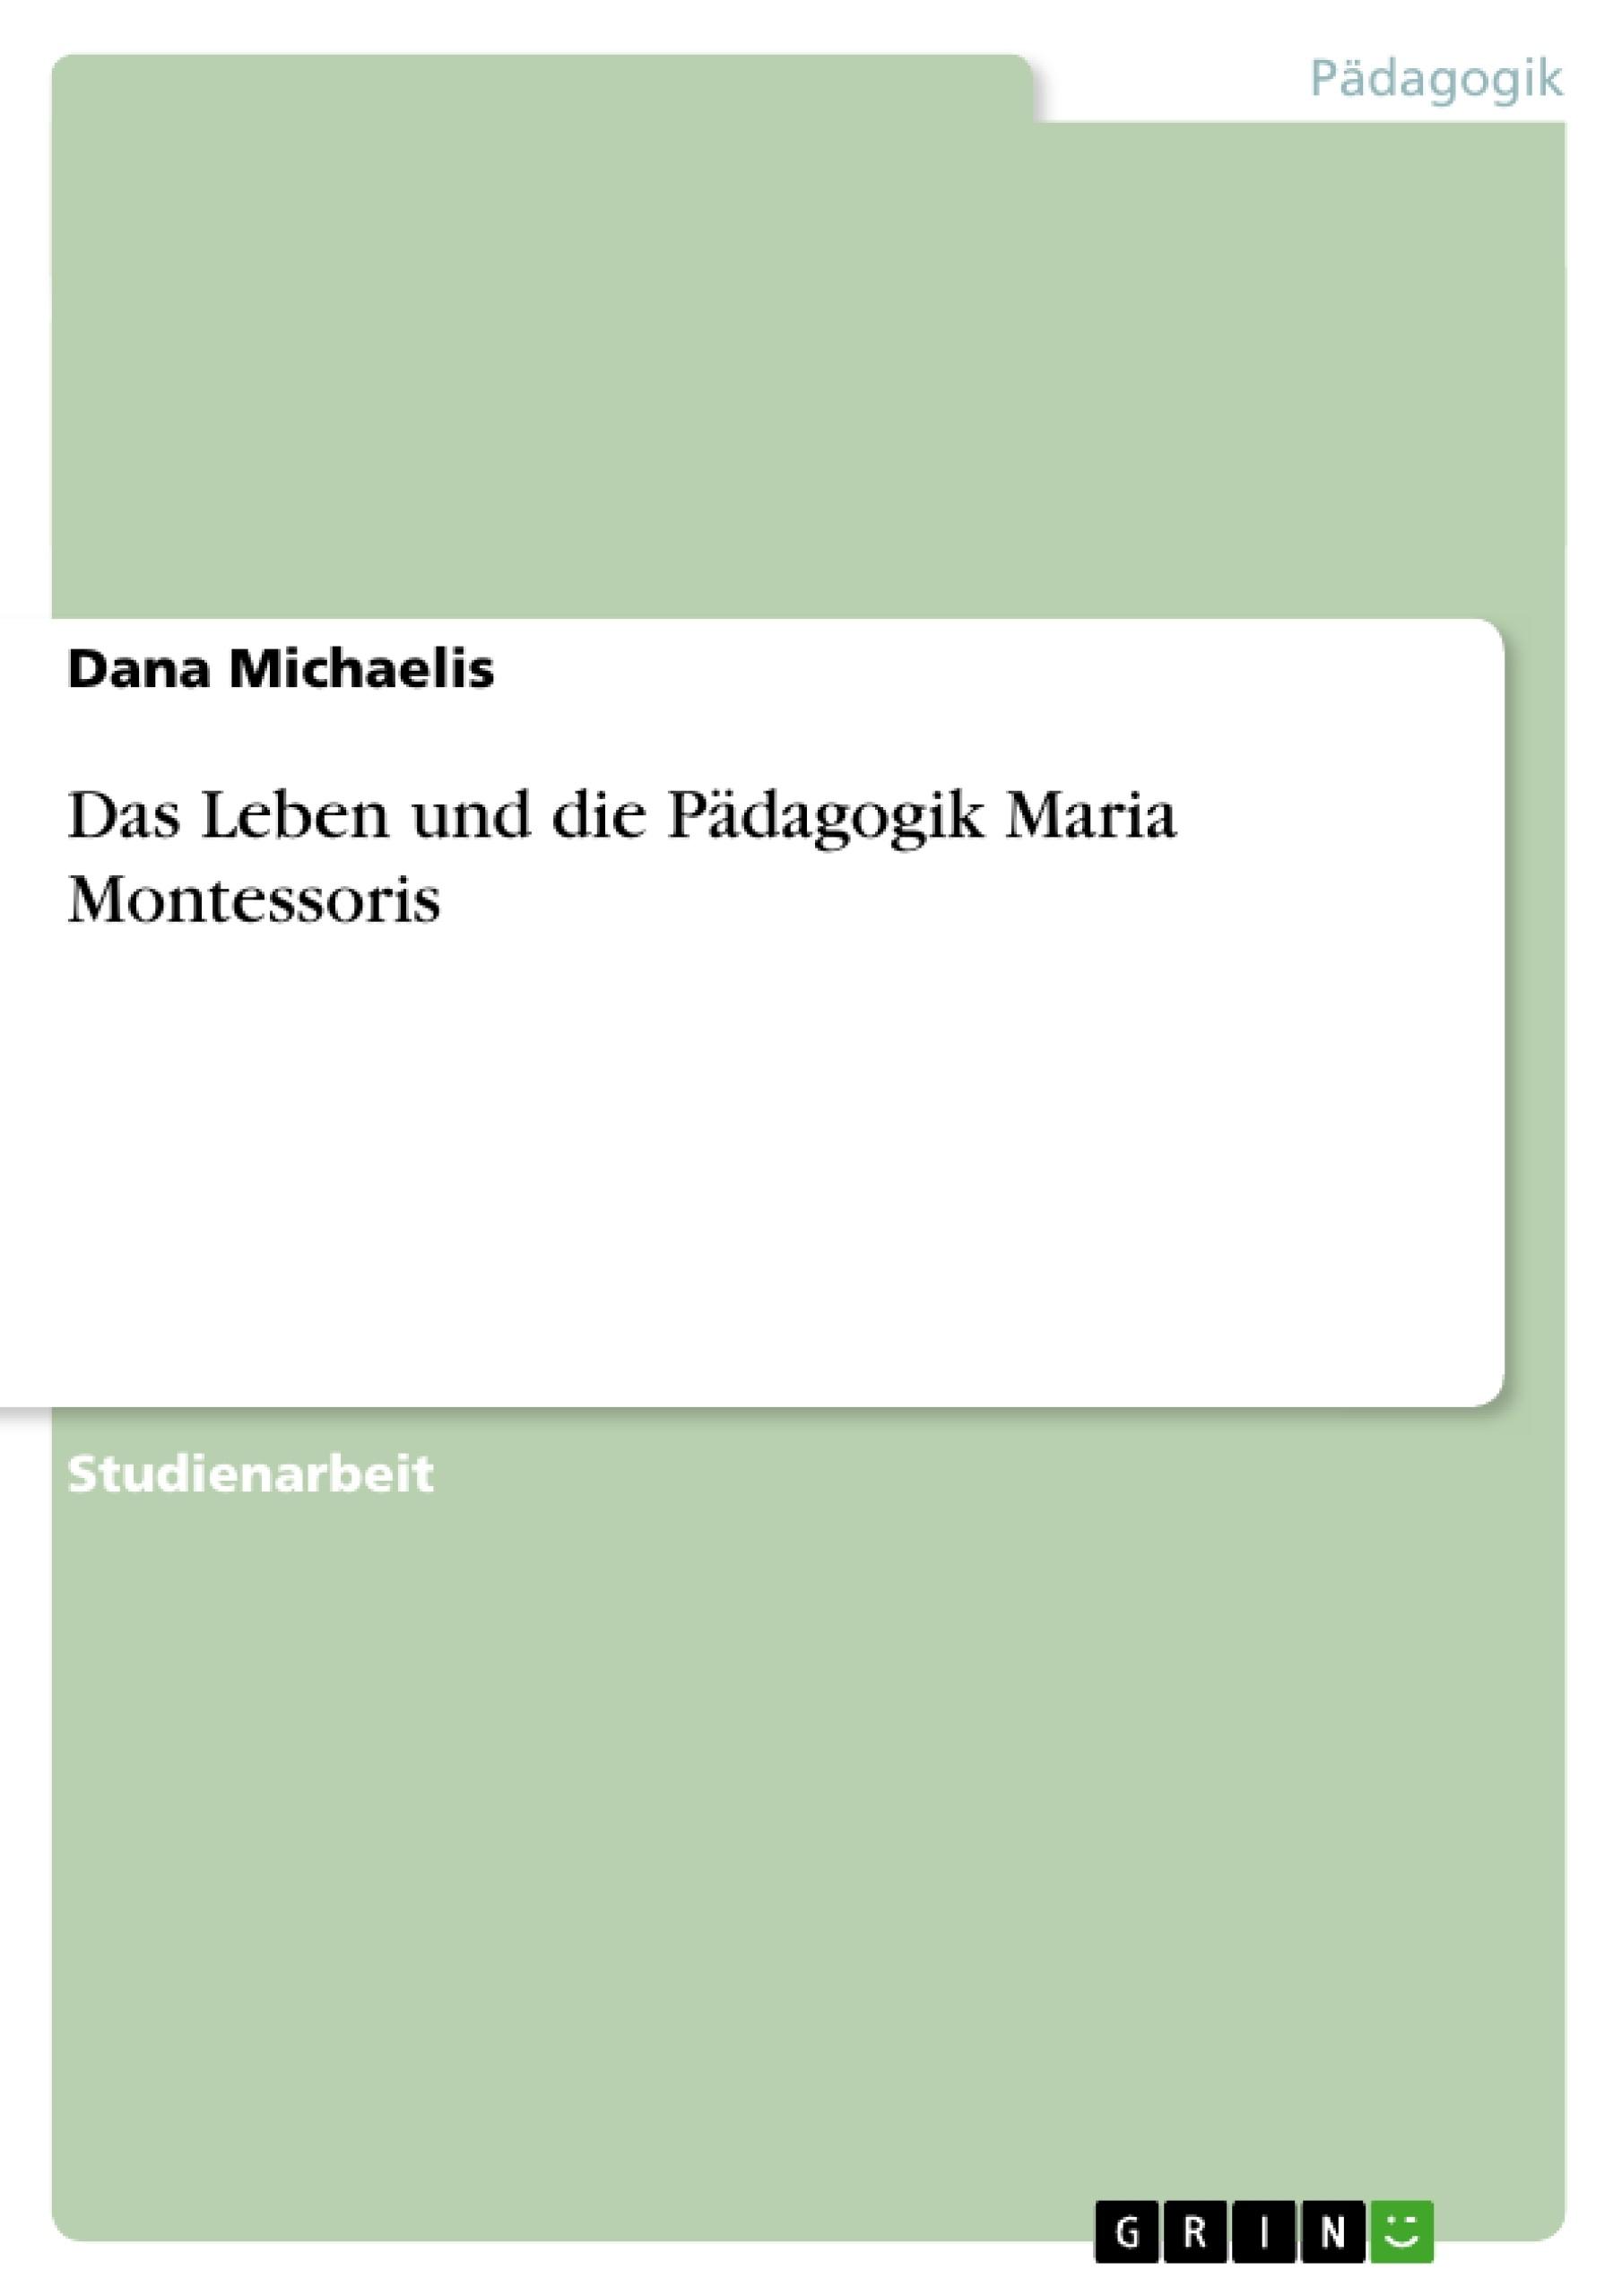 Titel: Das Leben und die Pädagogik Maria Montessoris